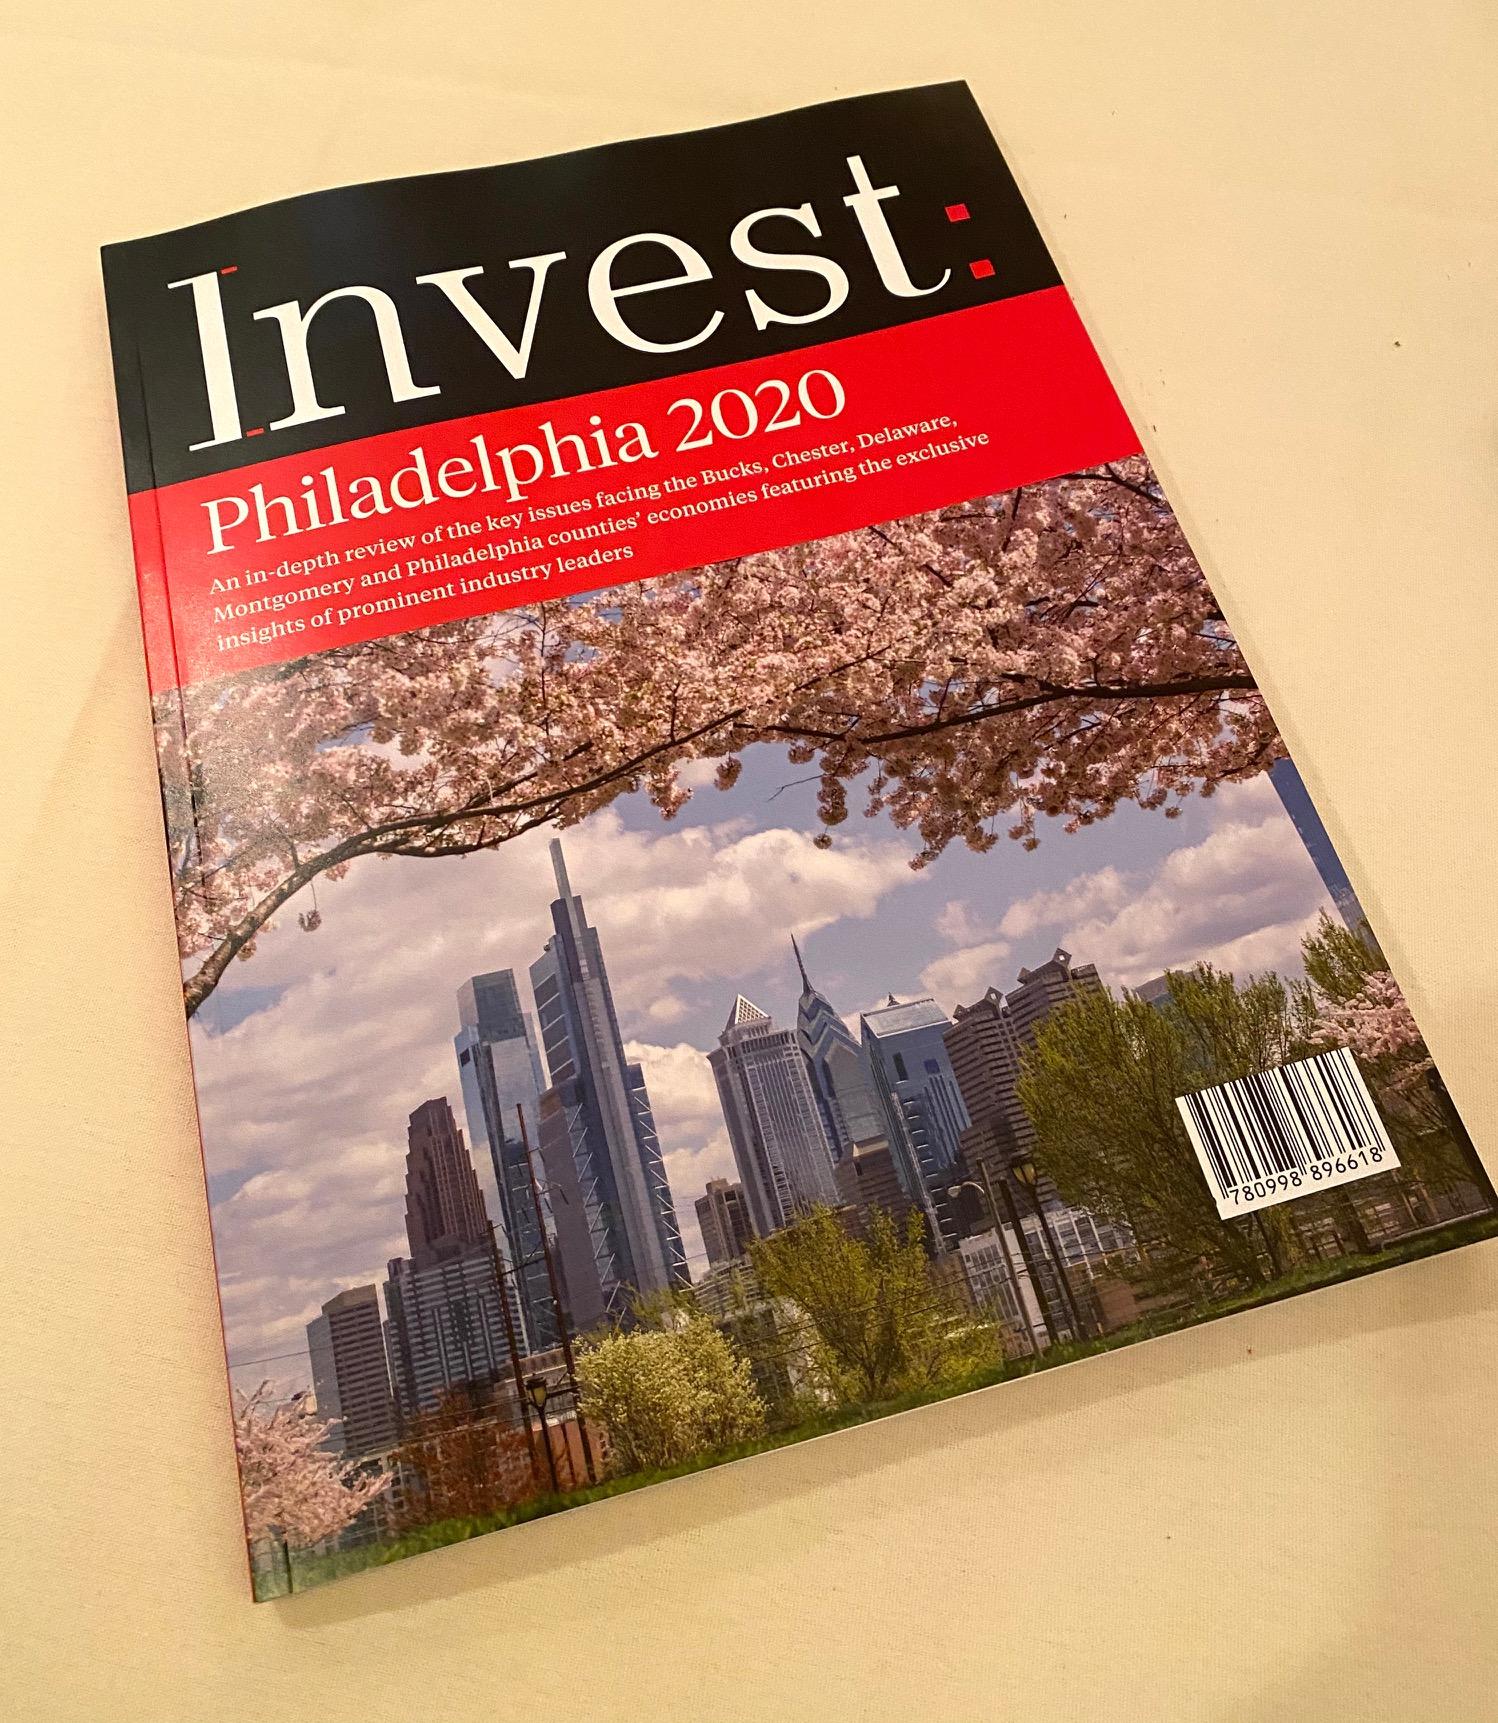 Philadelphia 2020